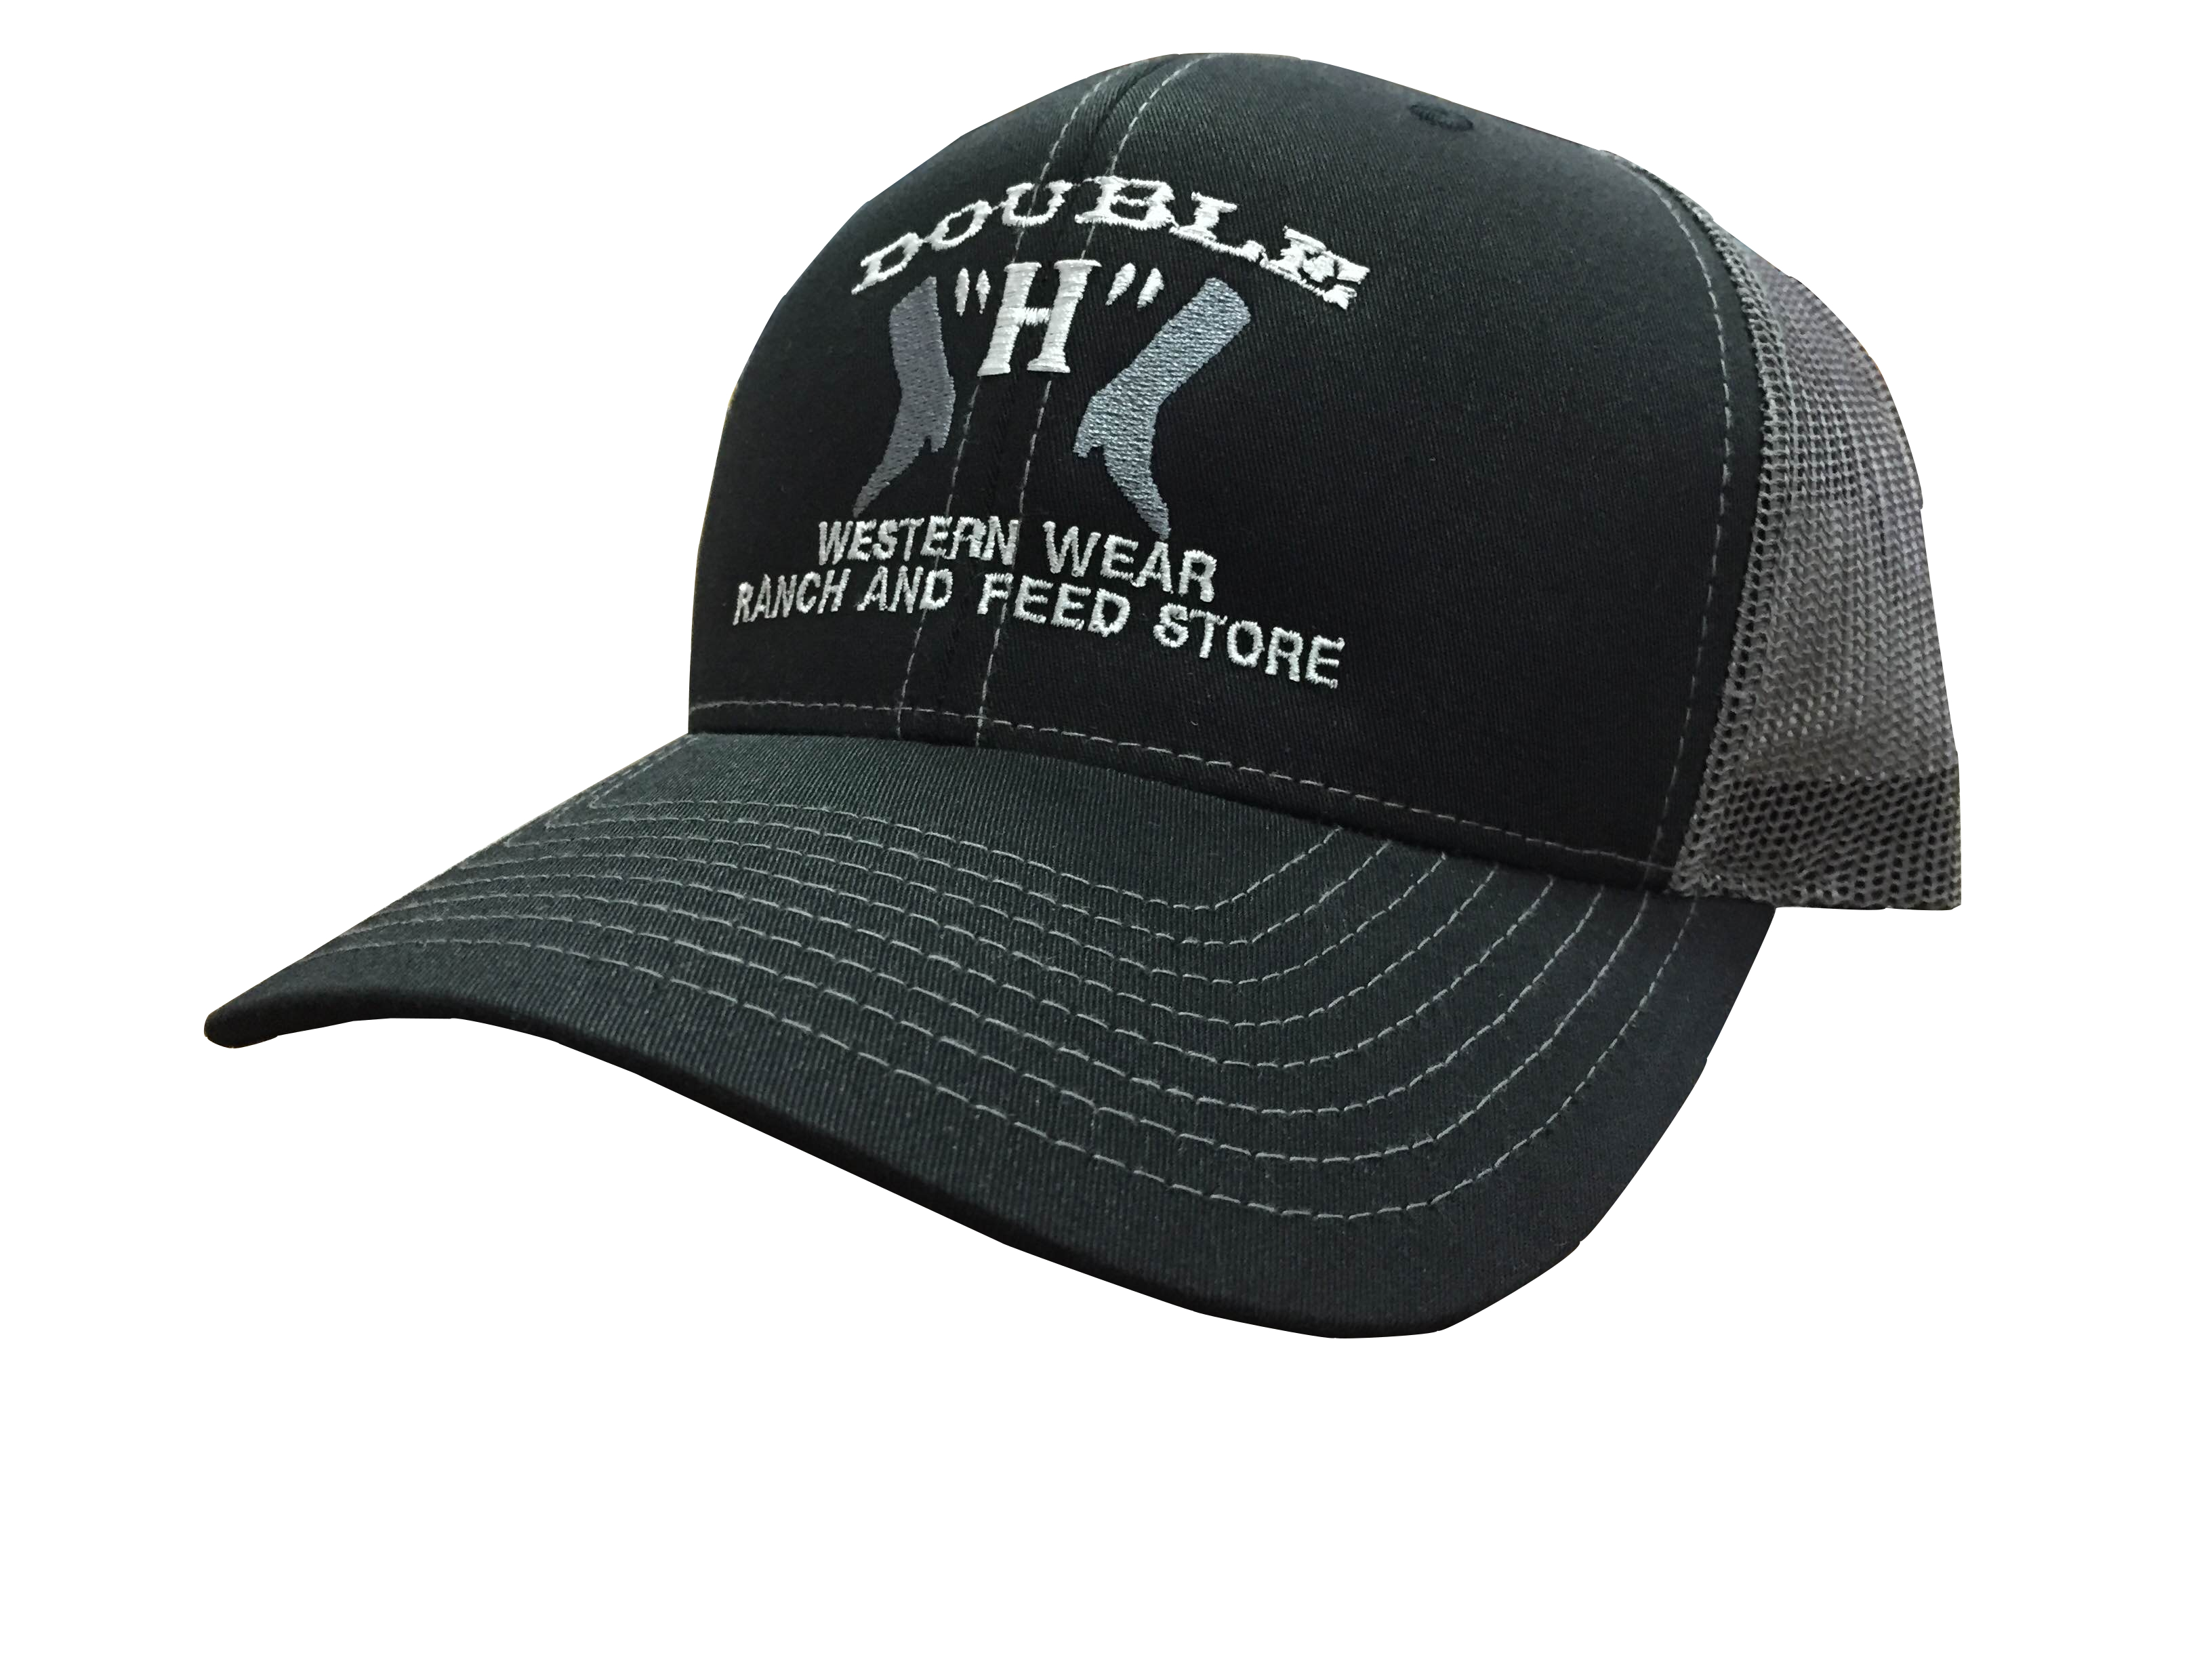 Double  H  Western Wear Black Ball Cap cc5f260eb72